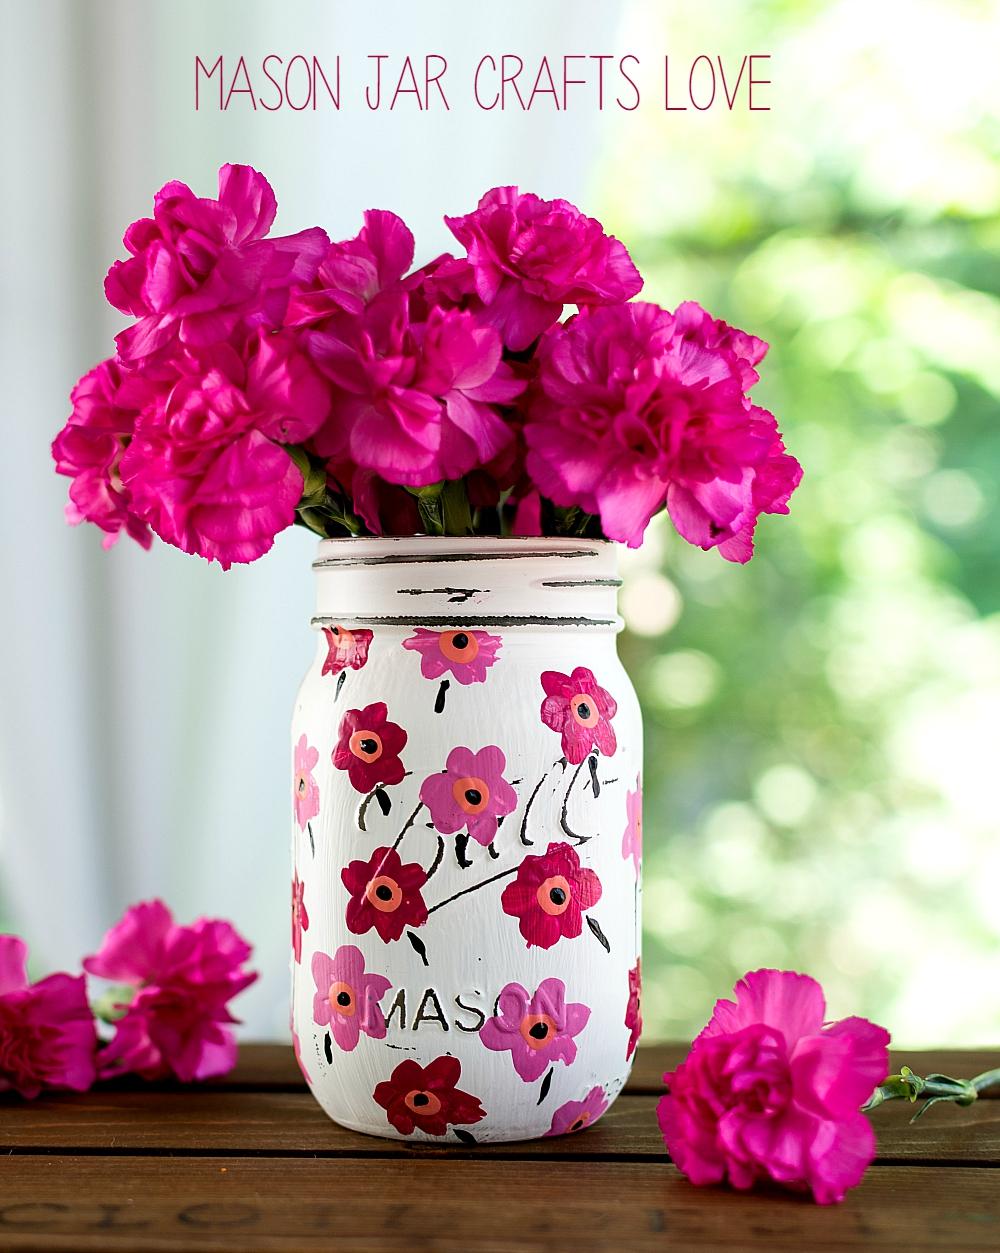 Marimekko Mason Jar - Mason Jar Crafts Love